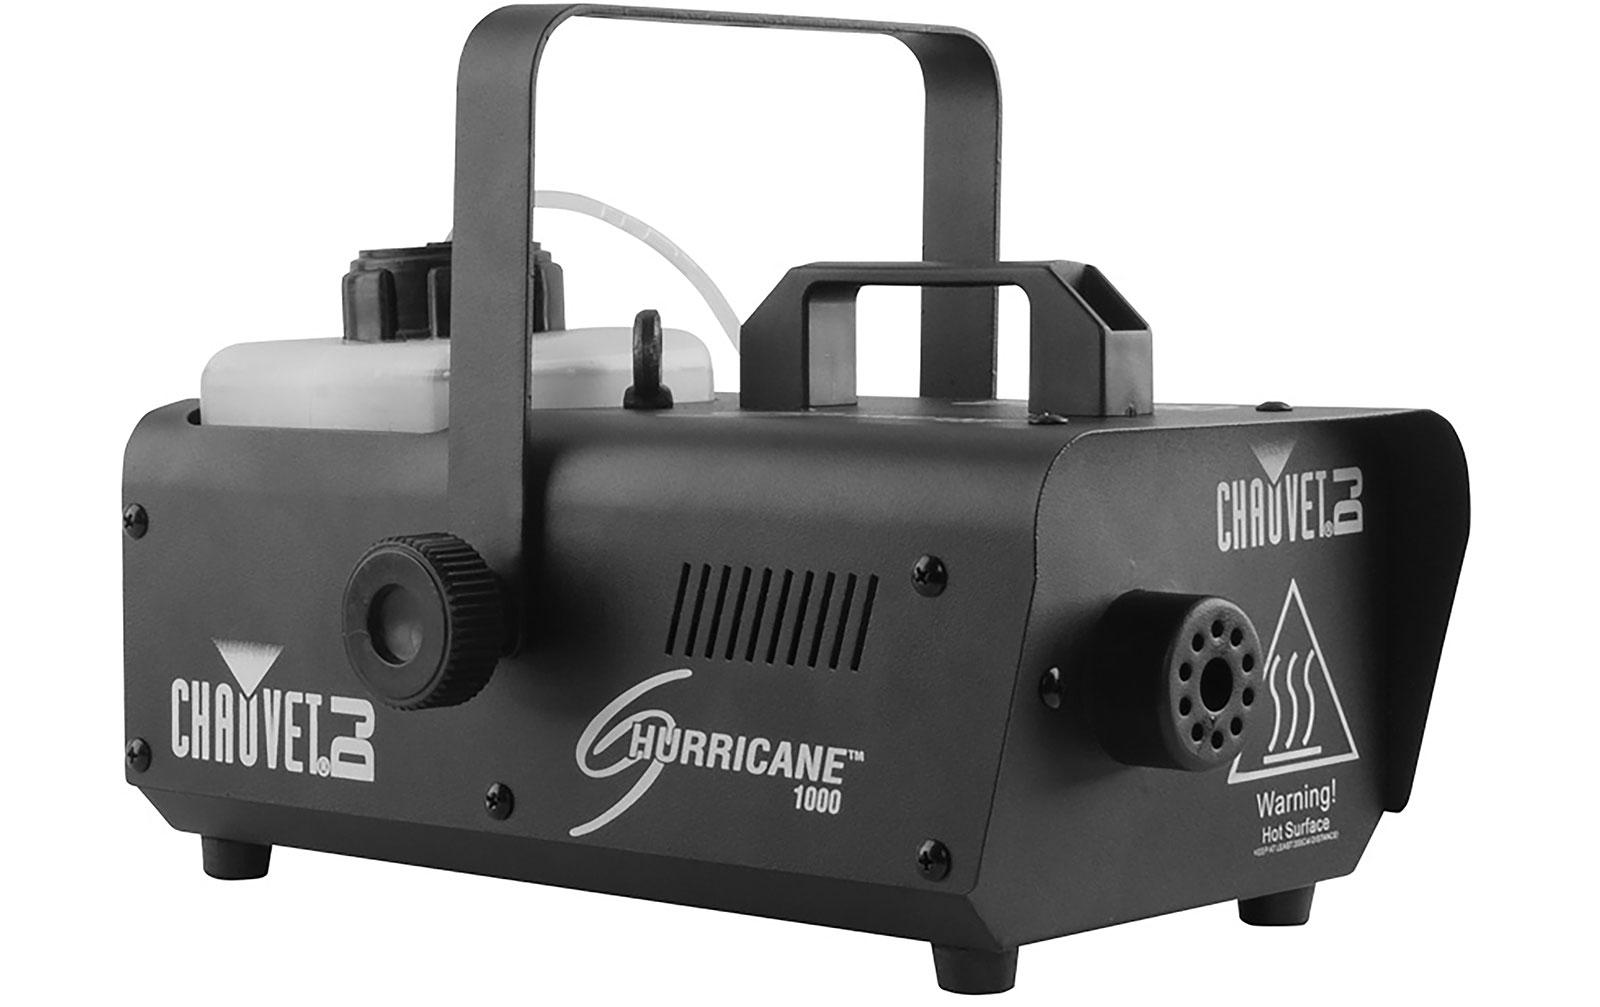 chauvet-dj-hurricane-1000-nebelmaschine